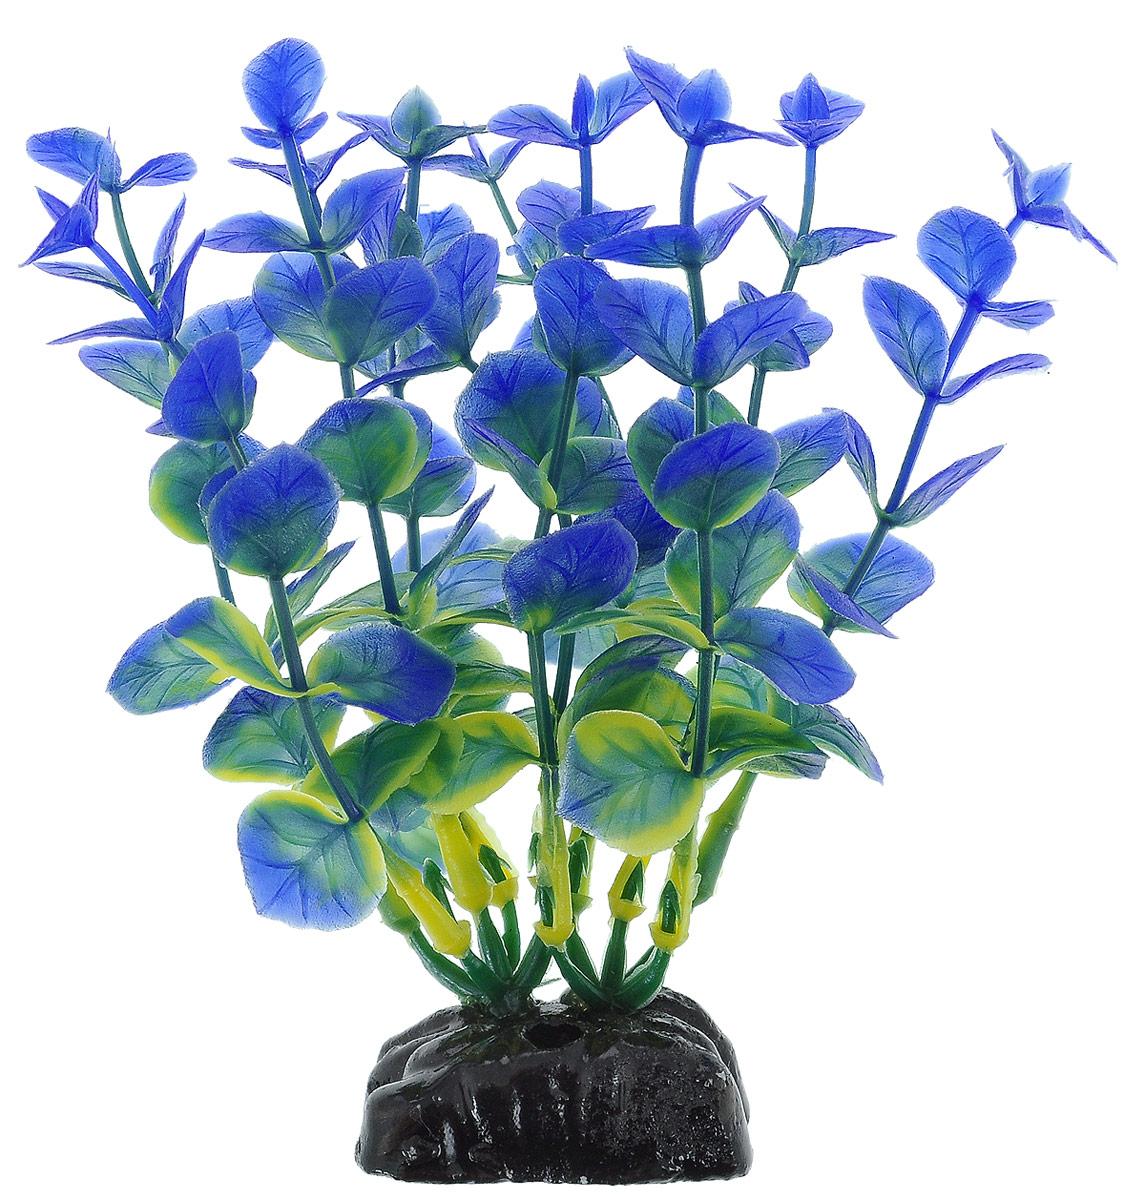 Растение для аквариума Barbus Бакопа, пластиковое, цвет: зеленый, синий, высота 10 см0120710Растение Barbus Бакопа, выполненное из высококачественного нетоксичного пластика, станет прекрасным украшением вашего аквариума. Пластиковое растение идеально подходит для дизайна всех видов аквариумов. В воде происходит абсолютная имитация живых растений. Изделие не требует дополнительного ухода. Оно абсолютно безопасно, нейтрально к водному балансу, устойчиво к истиранию краски, подходит как для пресноводного, так и для морского аквариума. Растение для аквариума Barbus Бакопа поможет вам смоделировать потрясающий пейзаж на дне вашего аквариума.Высота растения: 10 см.